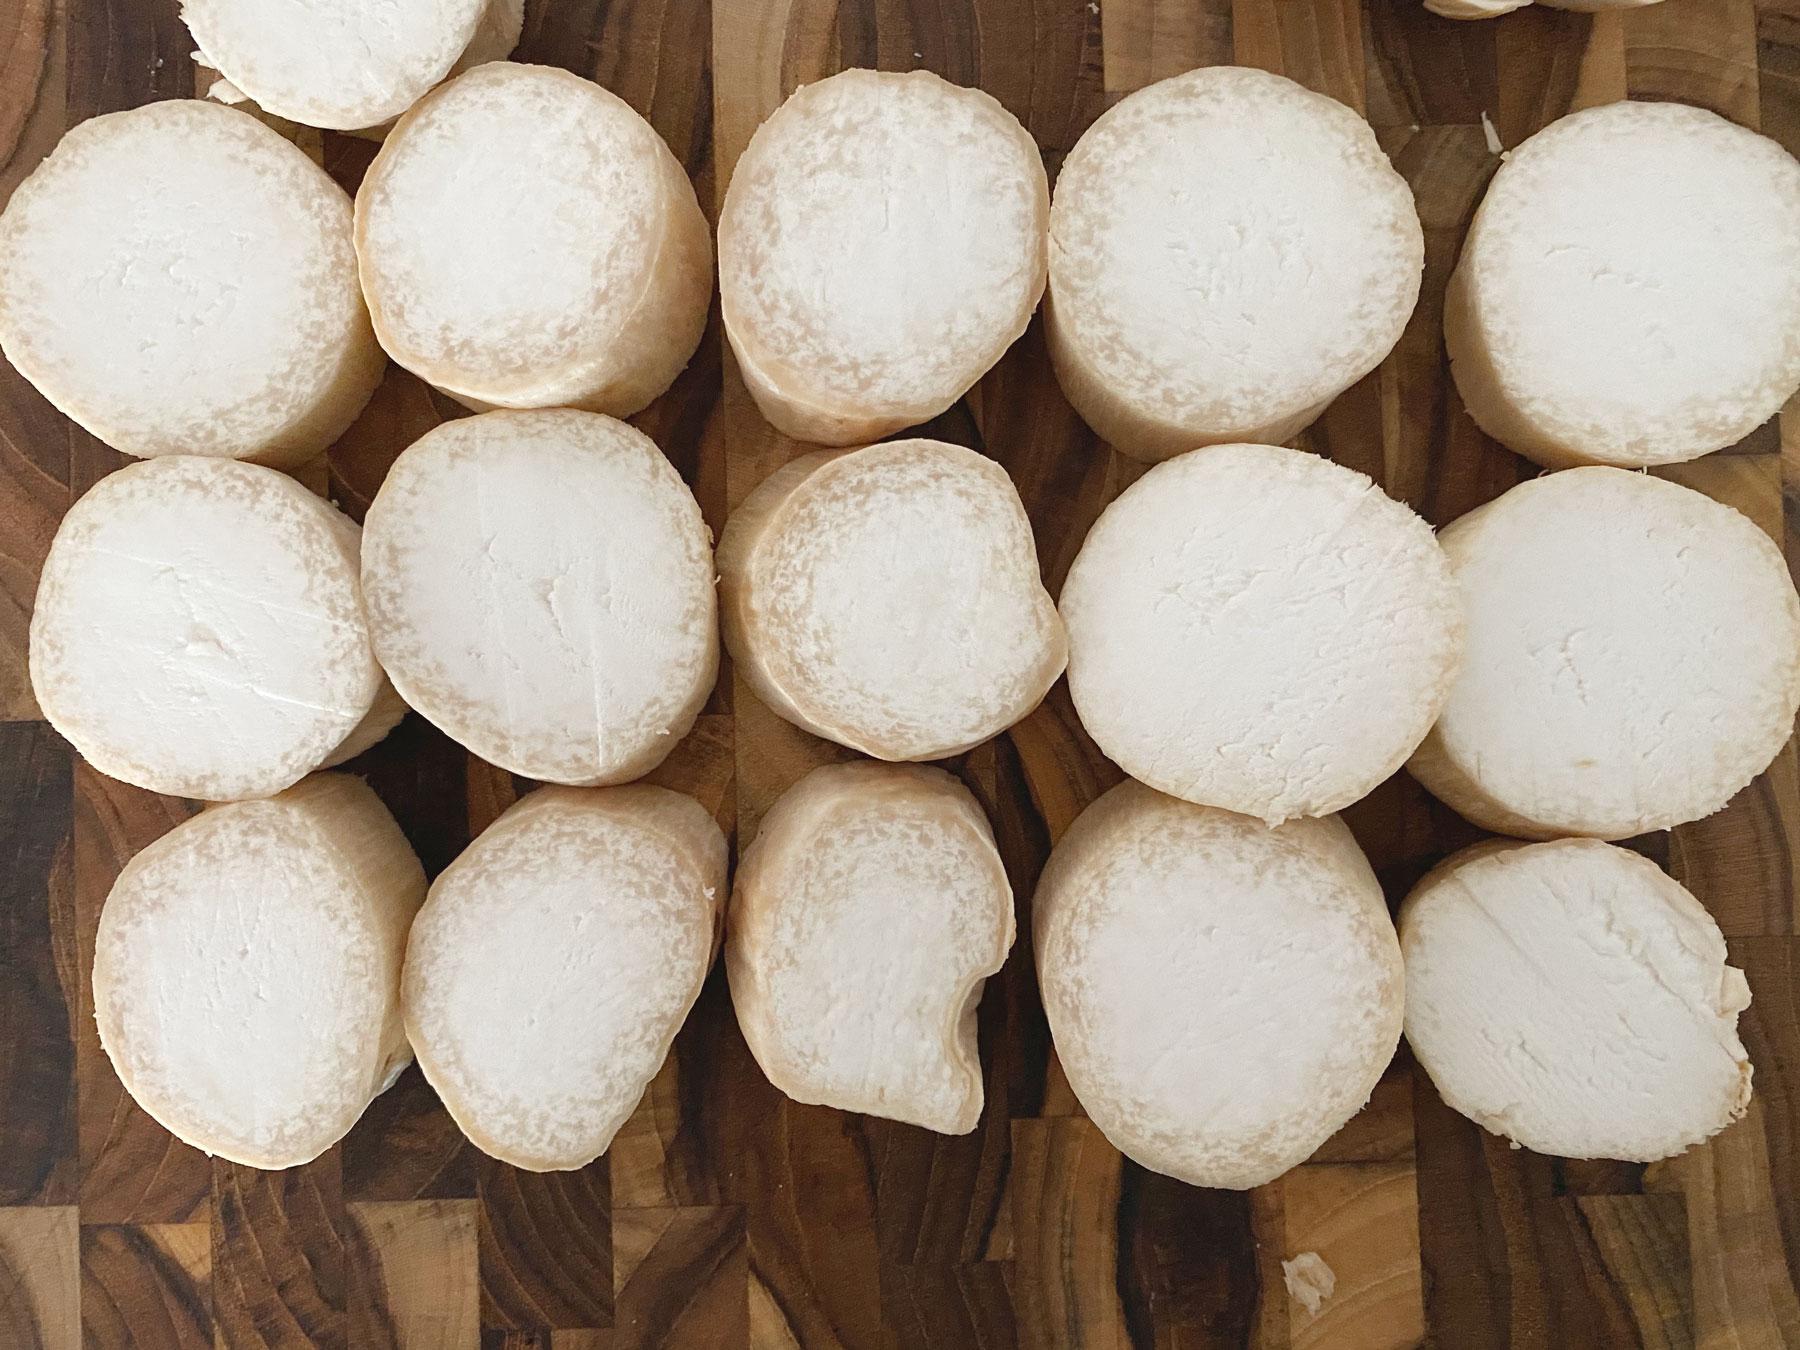 oyster mushroom step 1